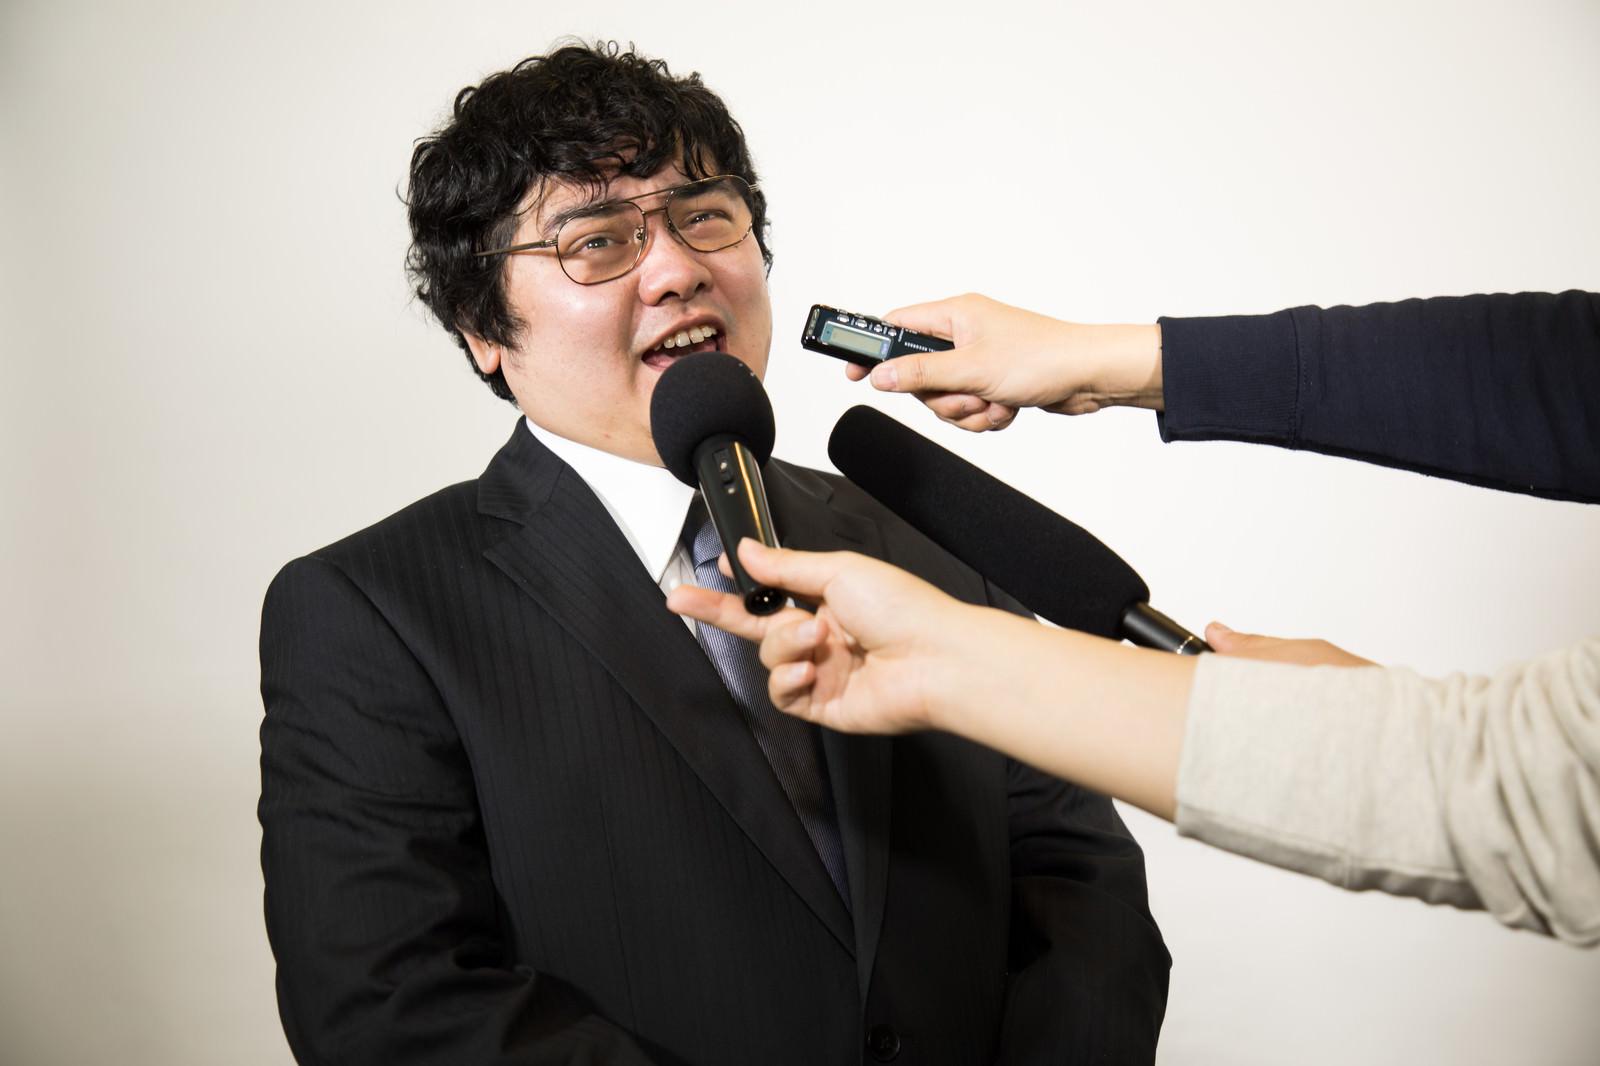 「疑惑をマスコミに詰められる役員」の写真[モデル:段田隼人]